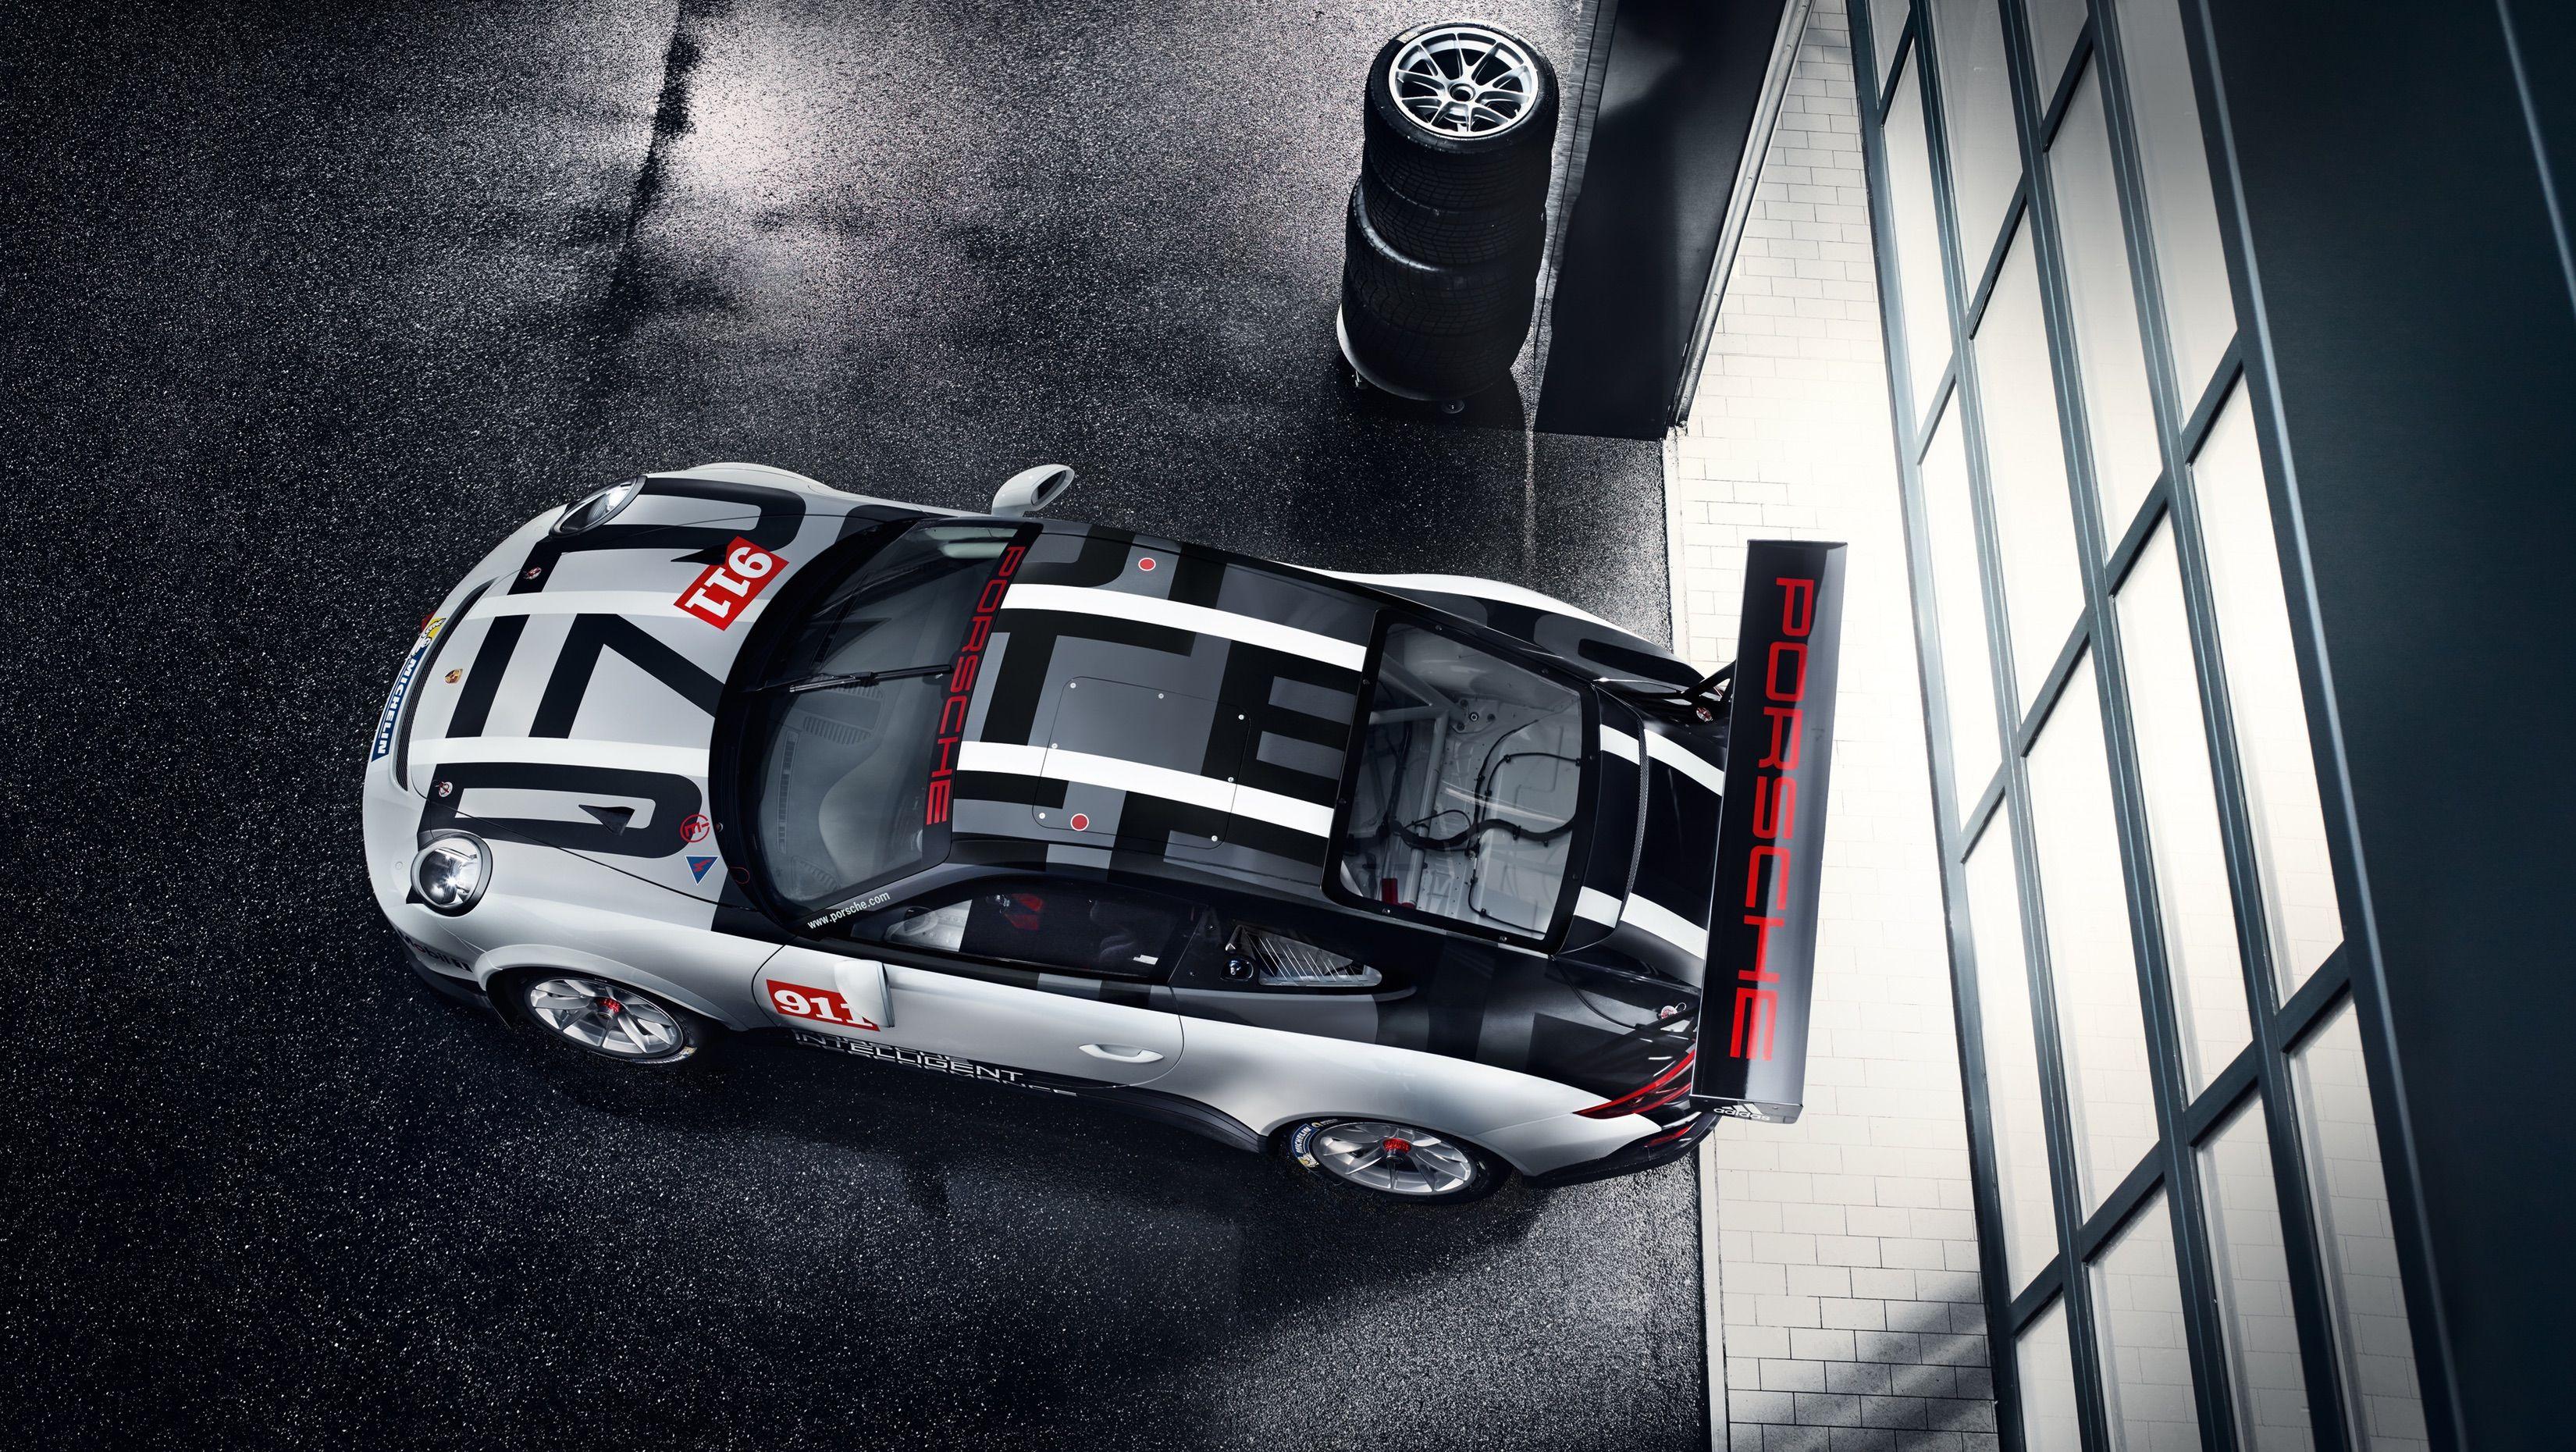 Porsche 911 gt3 cup 2016 Aerea fx